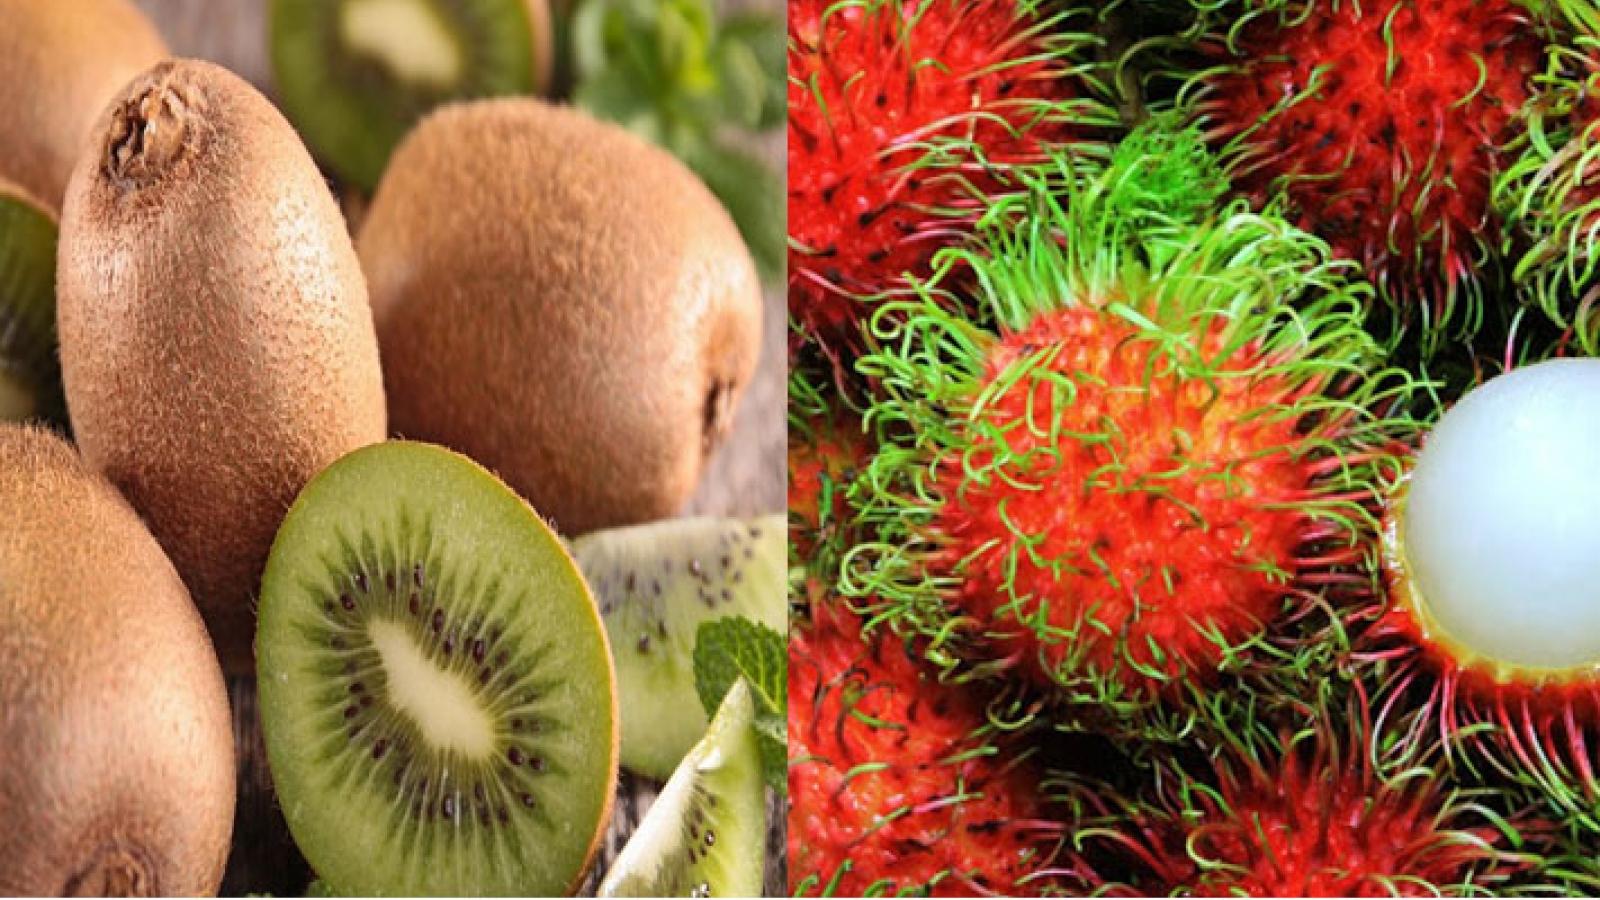 Chôm chôm Việt Nam có cơ hội tiếp cận thị trường Chile